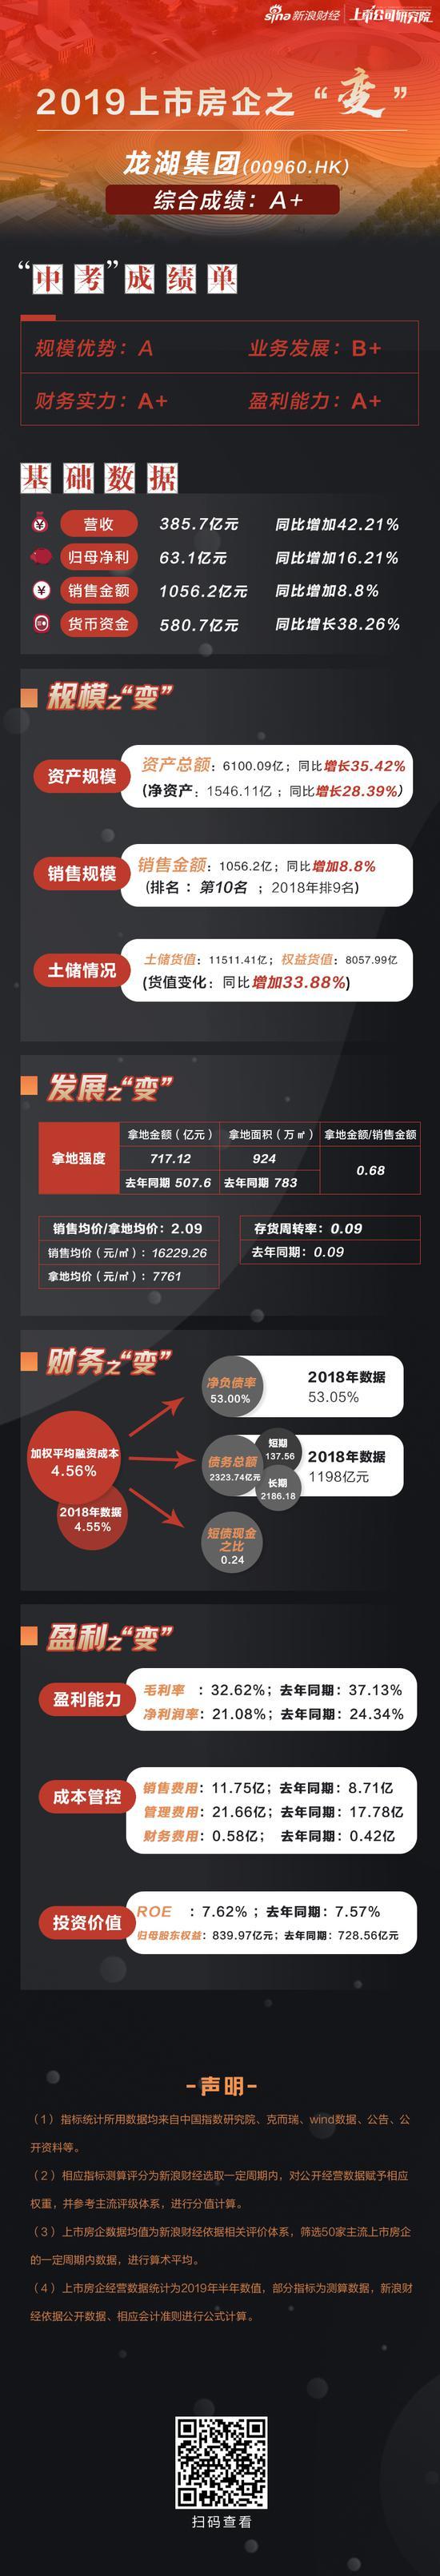 光大银行中期净利205亿增13% 创下近五年来最快增幅